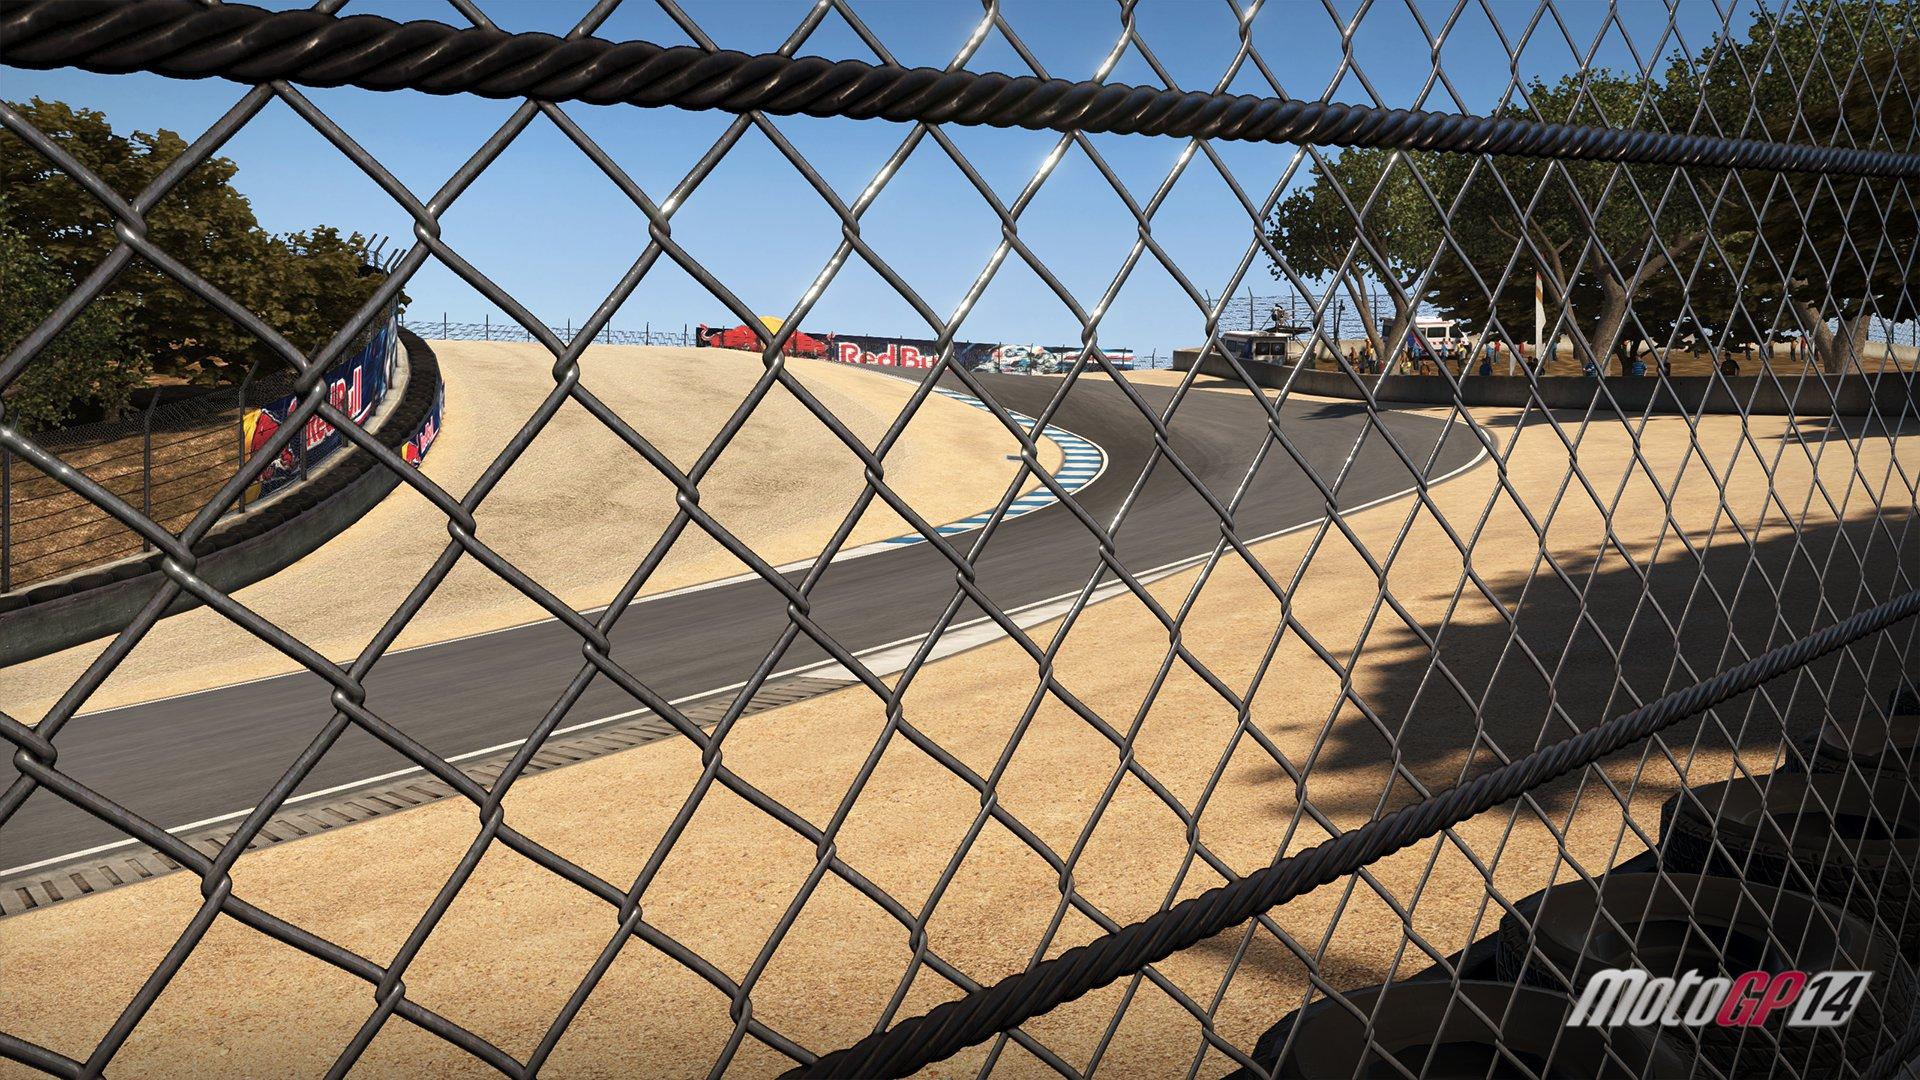 Moto GP 14 Laguna Seca Red Bull US Grand Prix 4